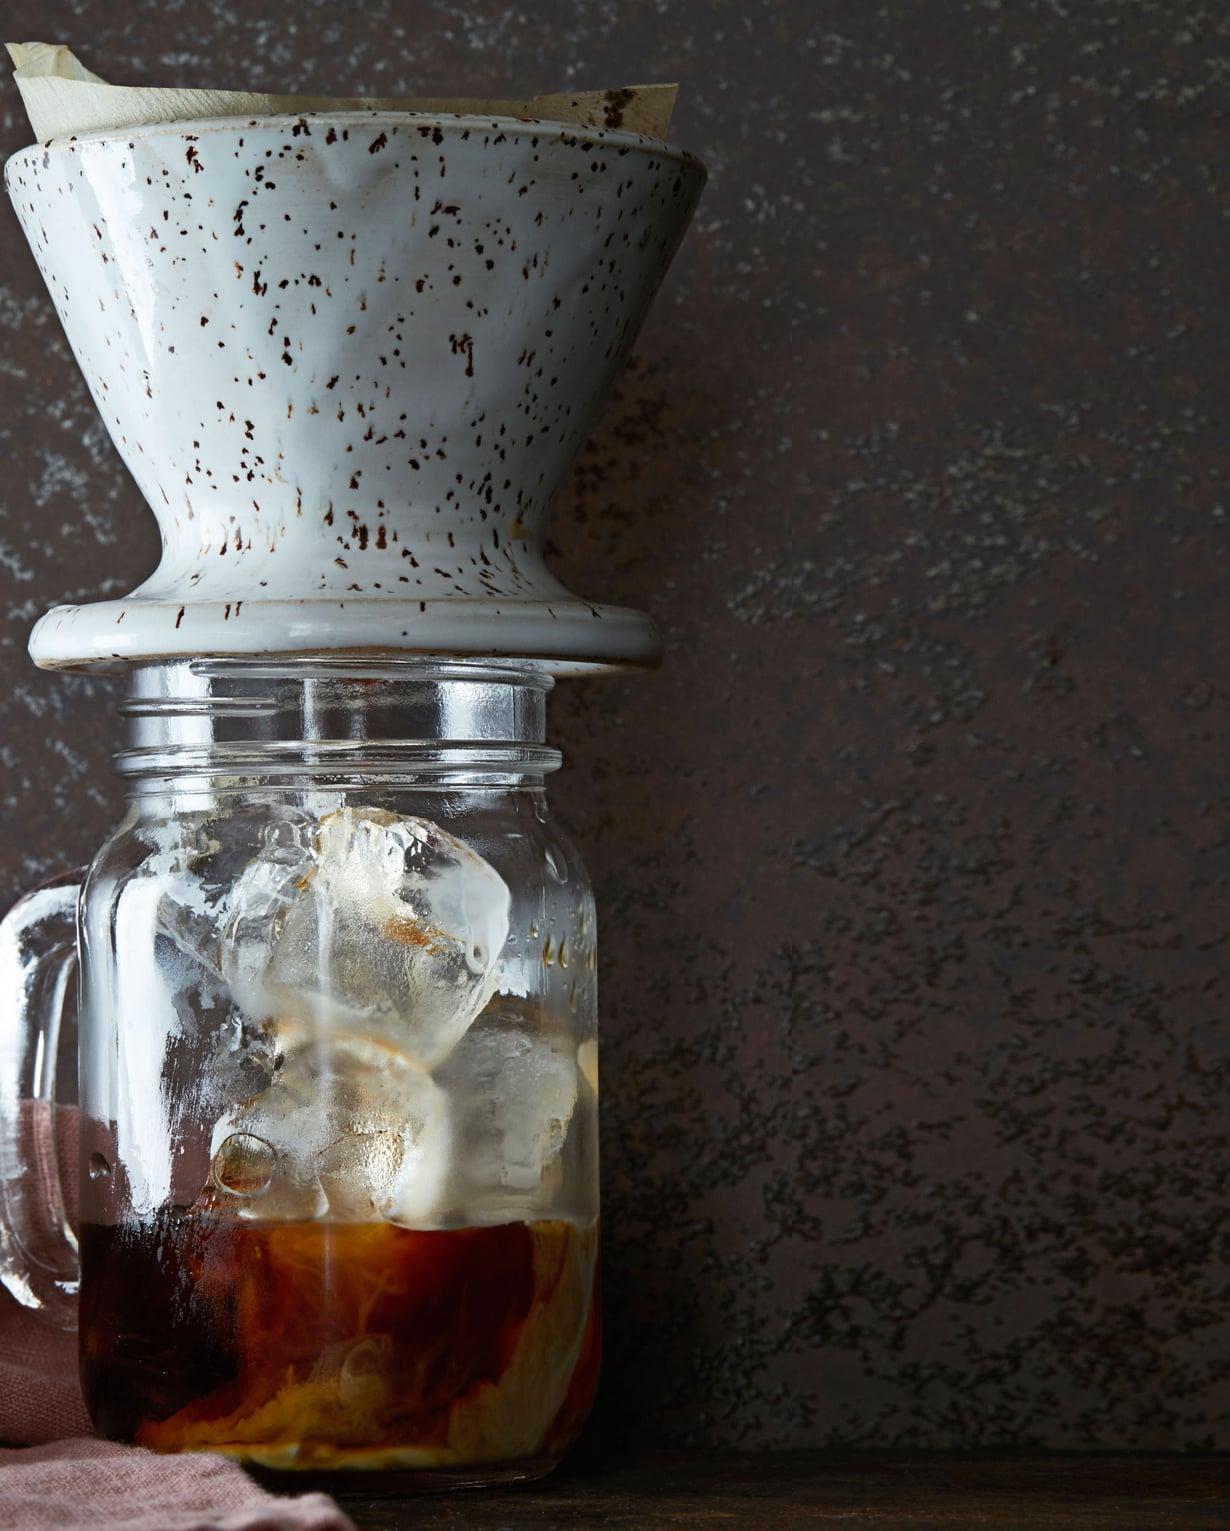 Kylmät kahvijuomat ovat hinnoissaan. On luksusta napata jääkaapista itse sekoitettu kylmä maitokahvi.